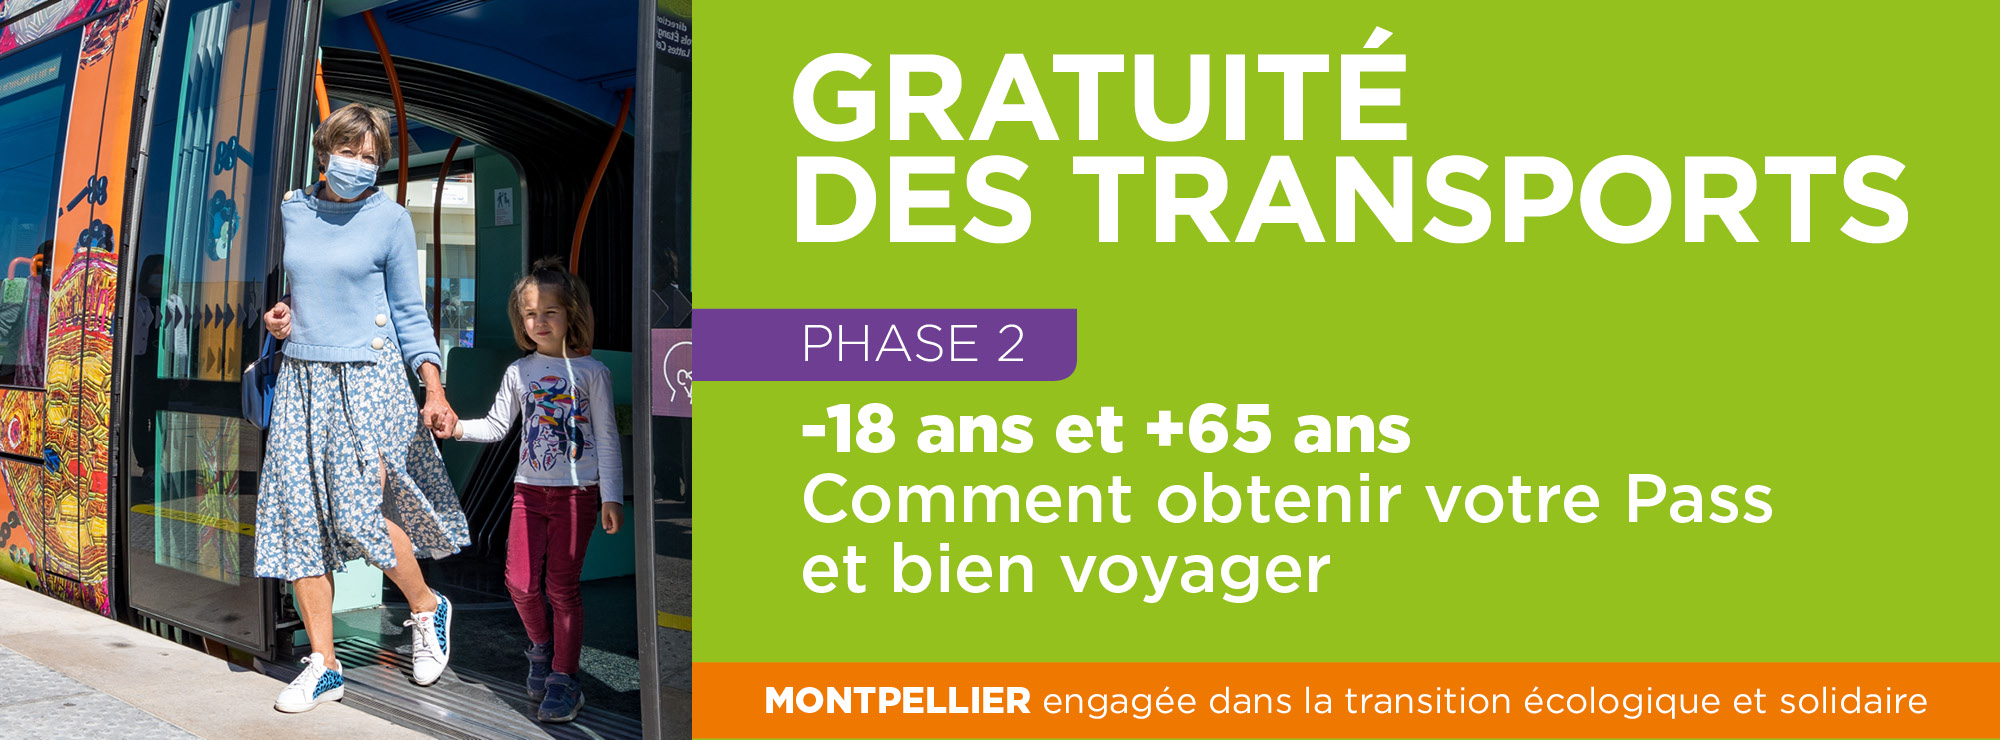 BANNER-GRATUITE-TRANSPORT-PHASE-2-2000x740-06-21-PP.jpg